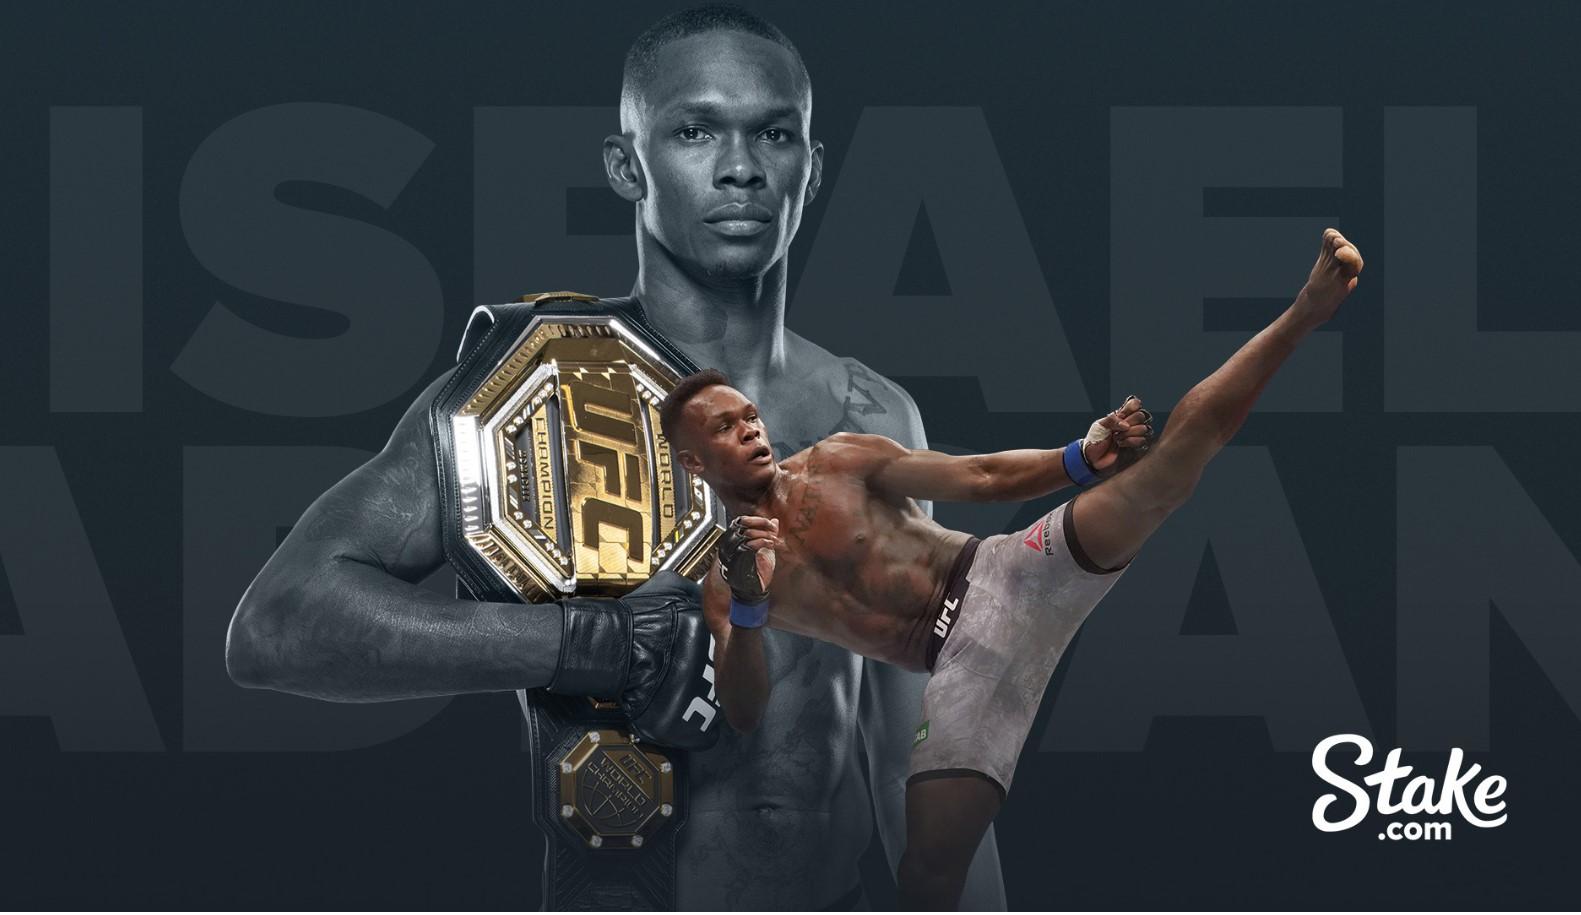 El campeón de UFC Israel Adesanya firma para convertirse en embajador de Stake.com